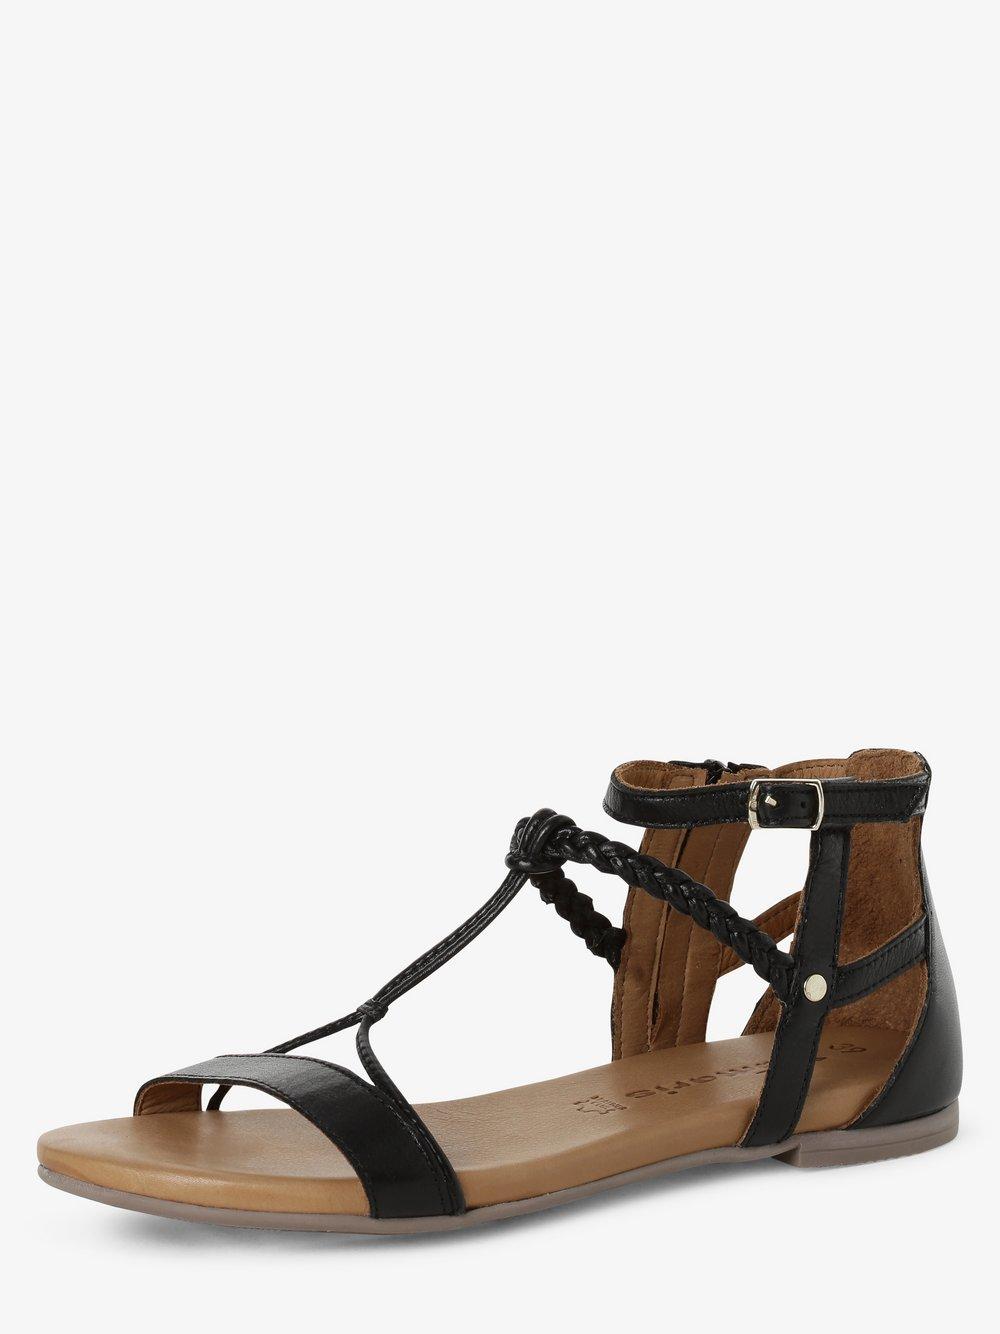 Tamaris - Sandały damskie ze skóry, czarny